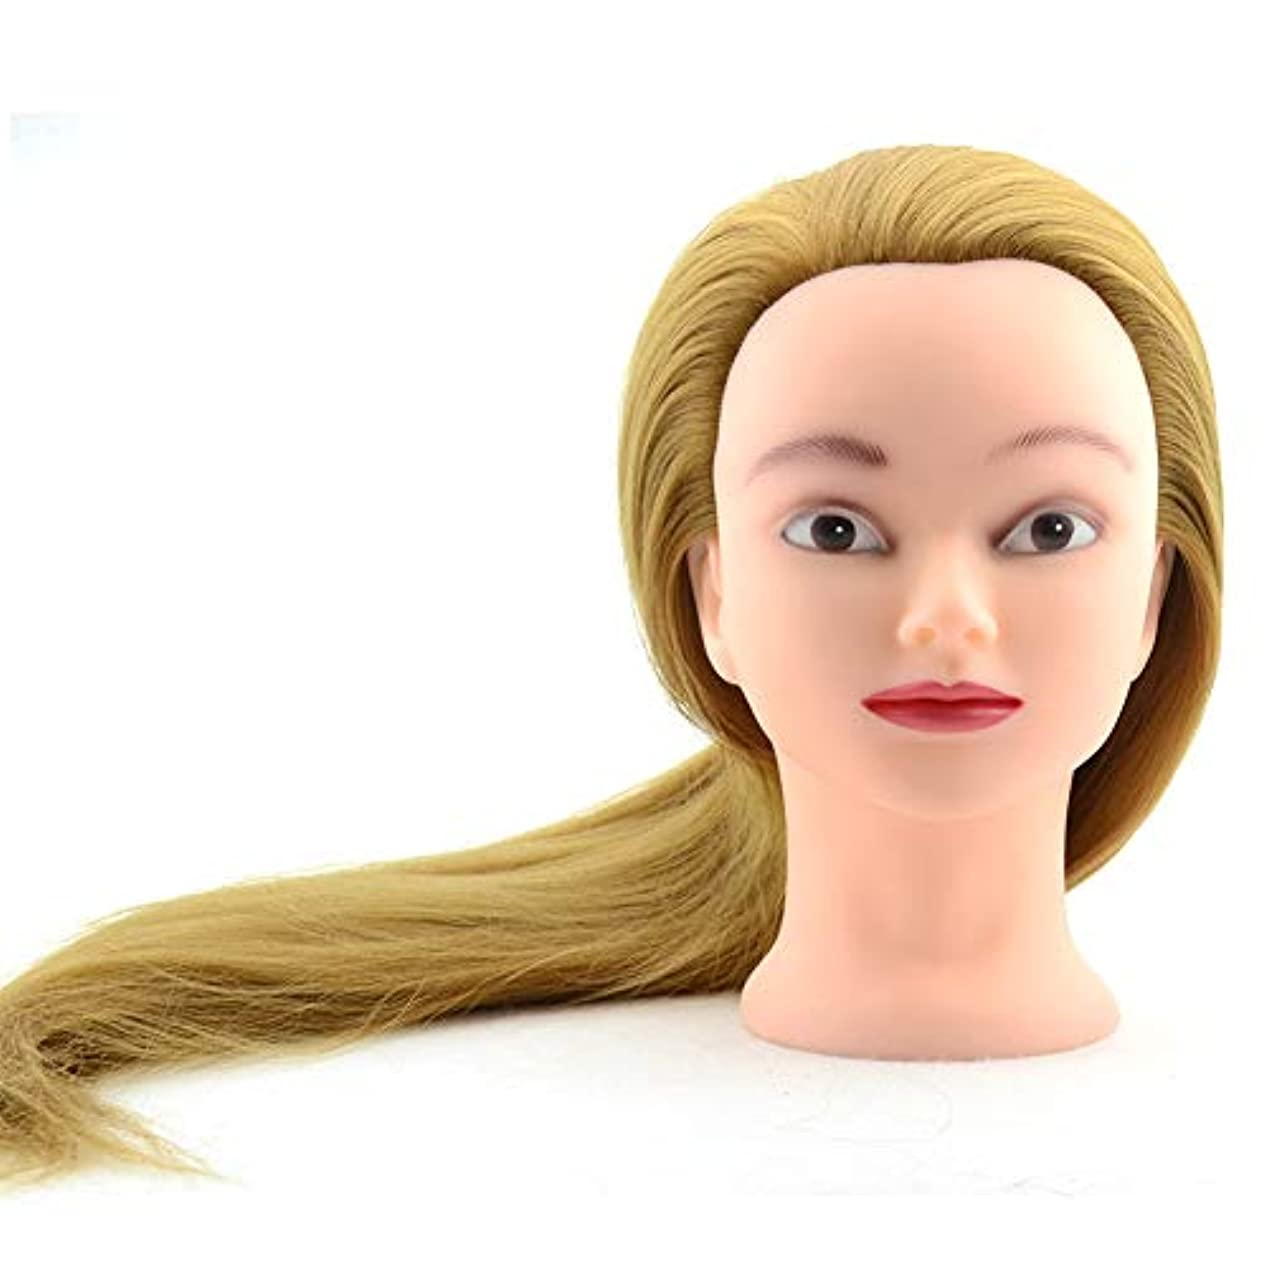 八百屋さん納得させる伝染病化学繊維ウィッグモデルヘッド理髪店学習ゴールデンヘアーダミーヘッドブライダルメイクスタイリングエクササイズヘッドモード